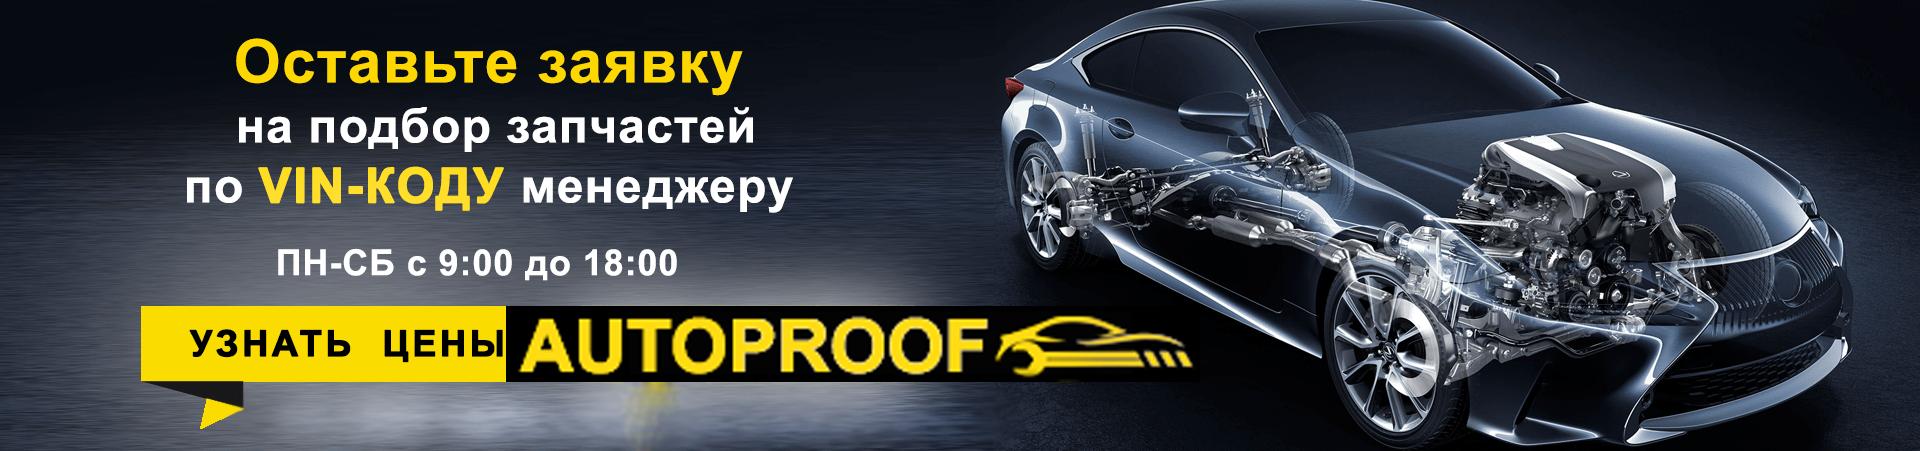 интернет-магазин автотоваров в Украине Autoproof